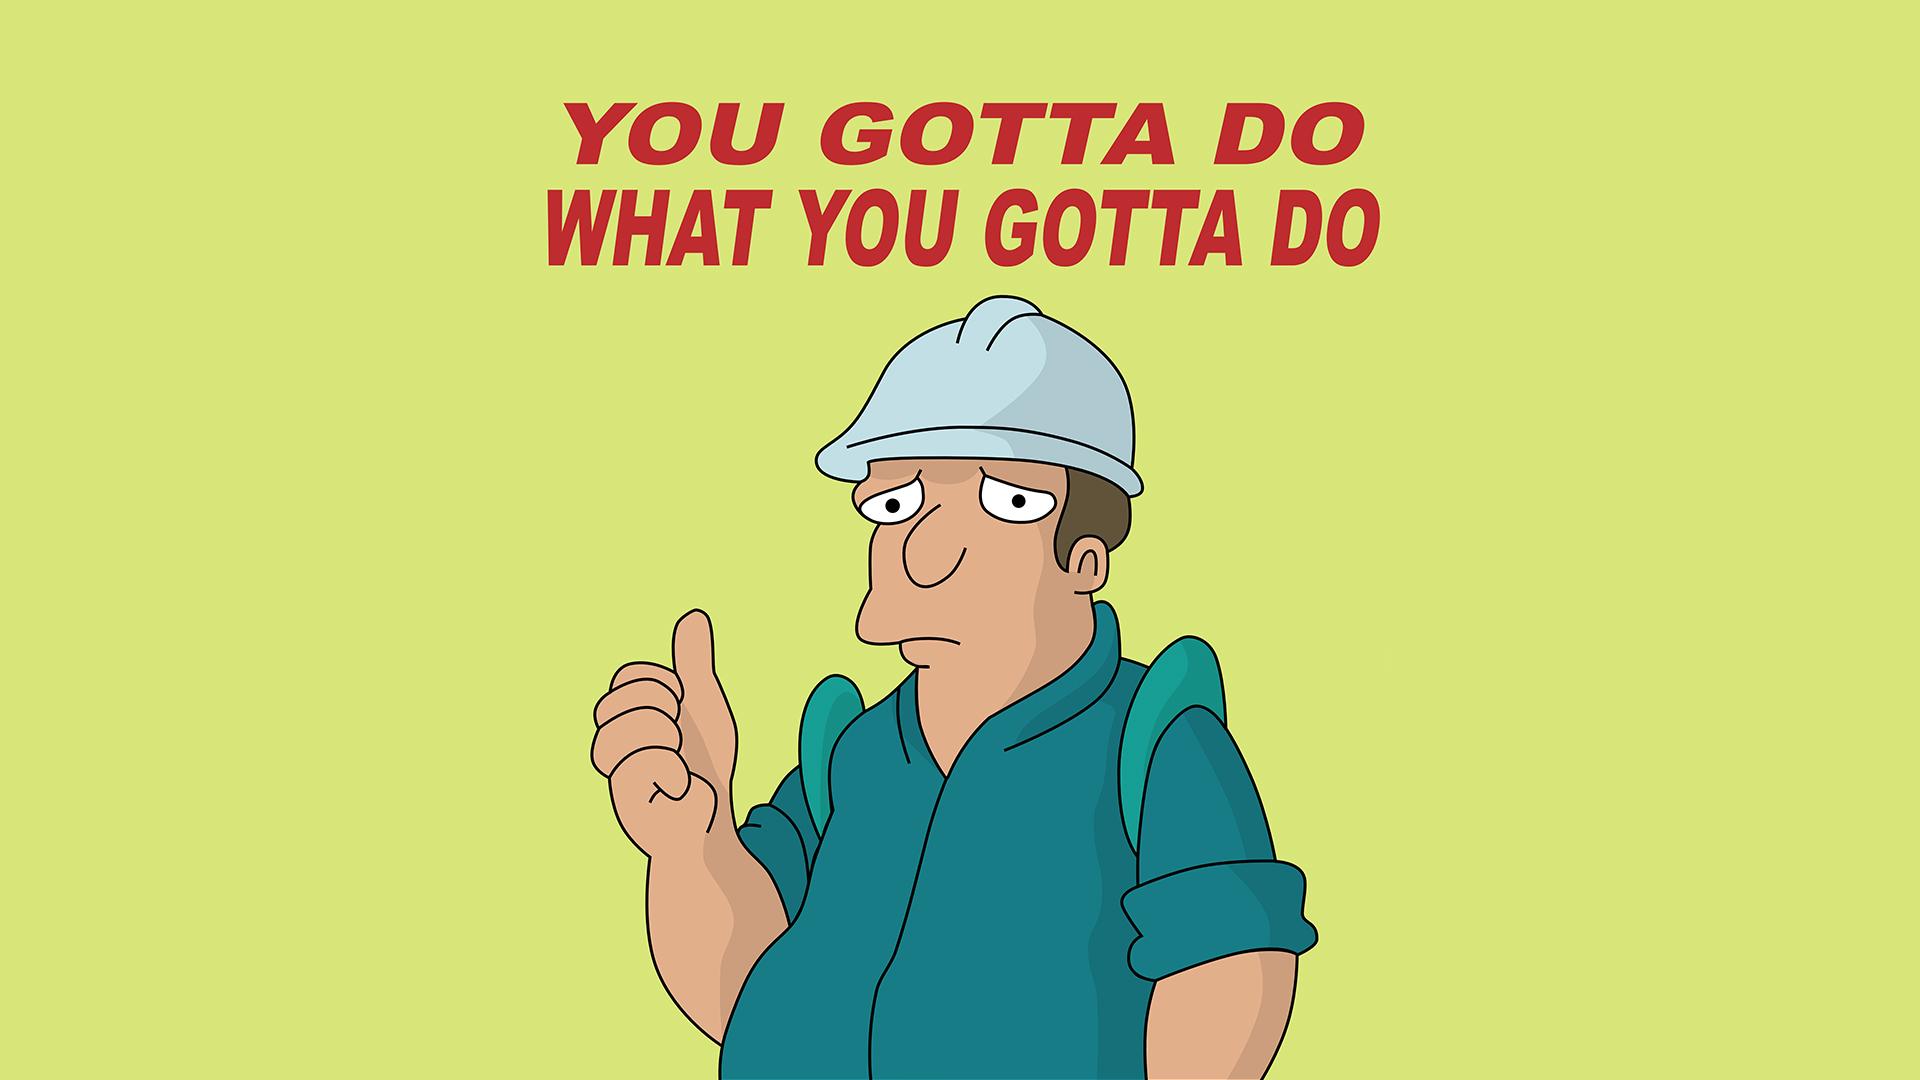 You Gotta Do What You Gotta Do